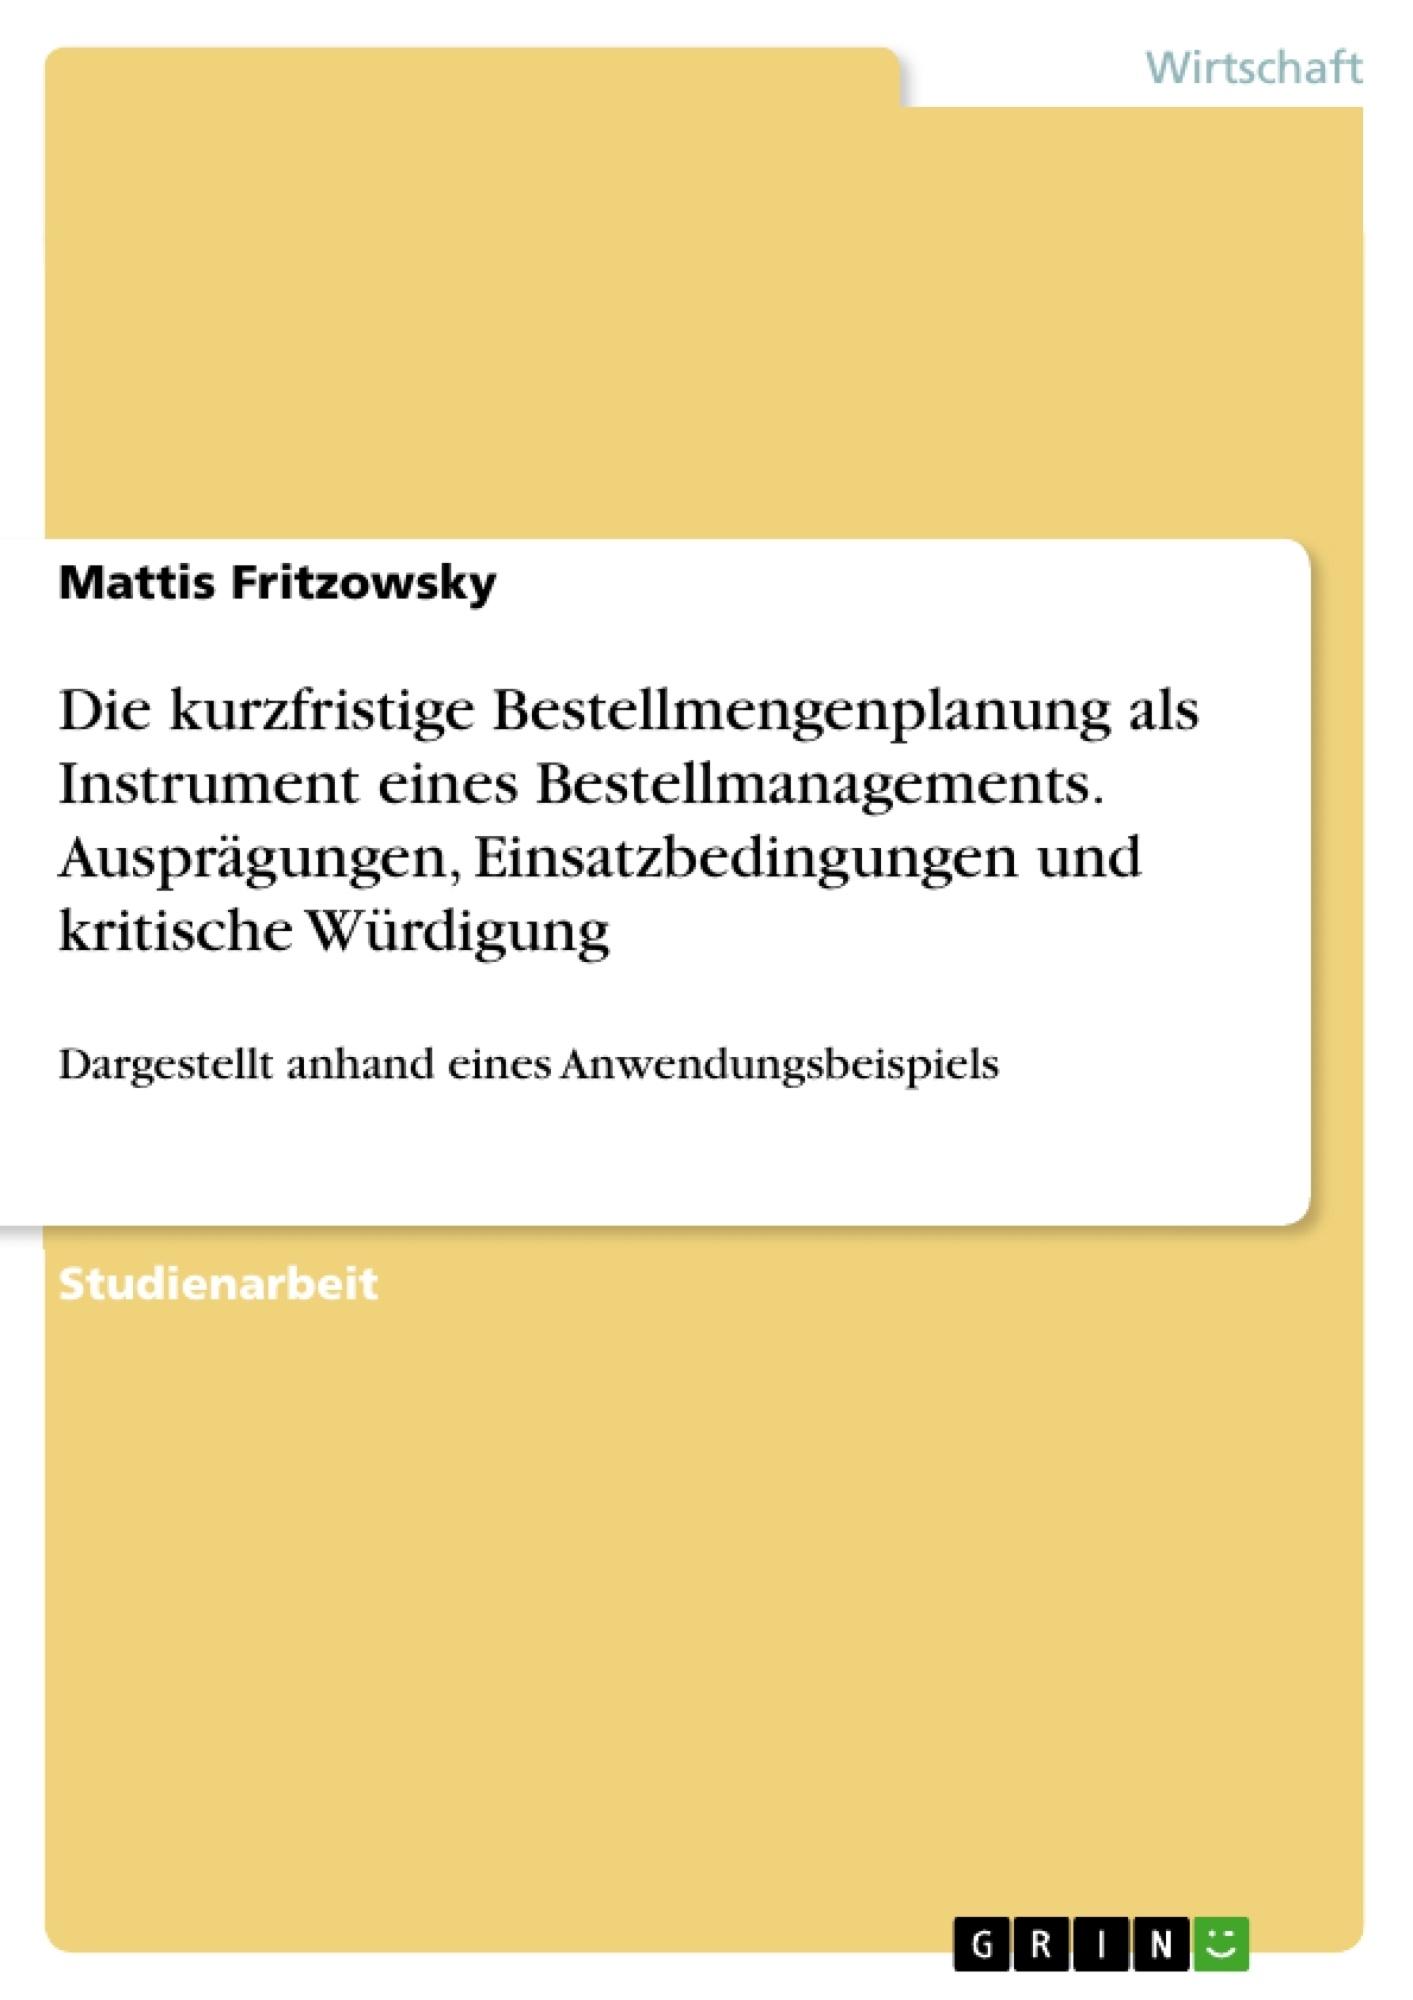 Titel: Die kurzfristige Bestellmengenplanung als Instrument eines Bestellmanagements. Ausprägungen, Einsatzbedingungen und kritische Würdigung